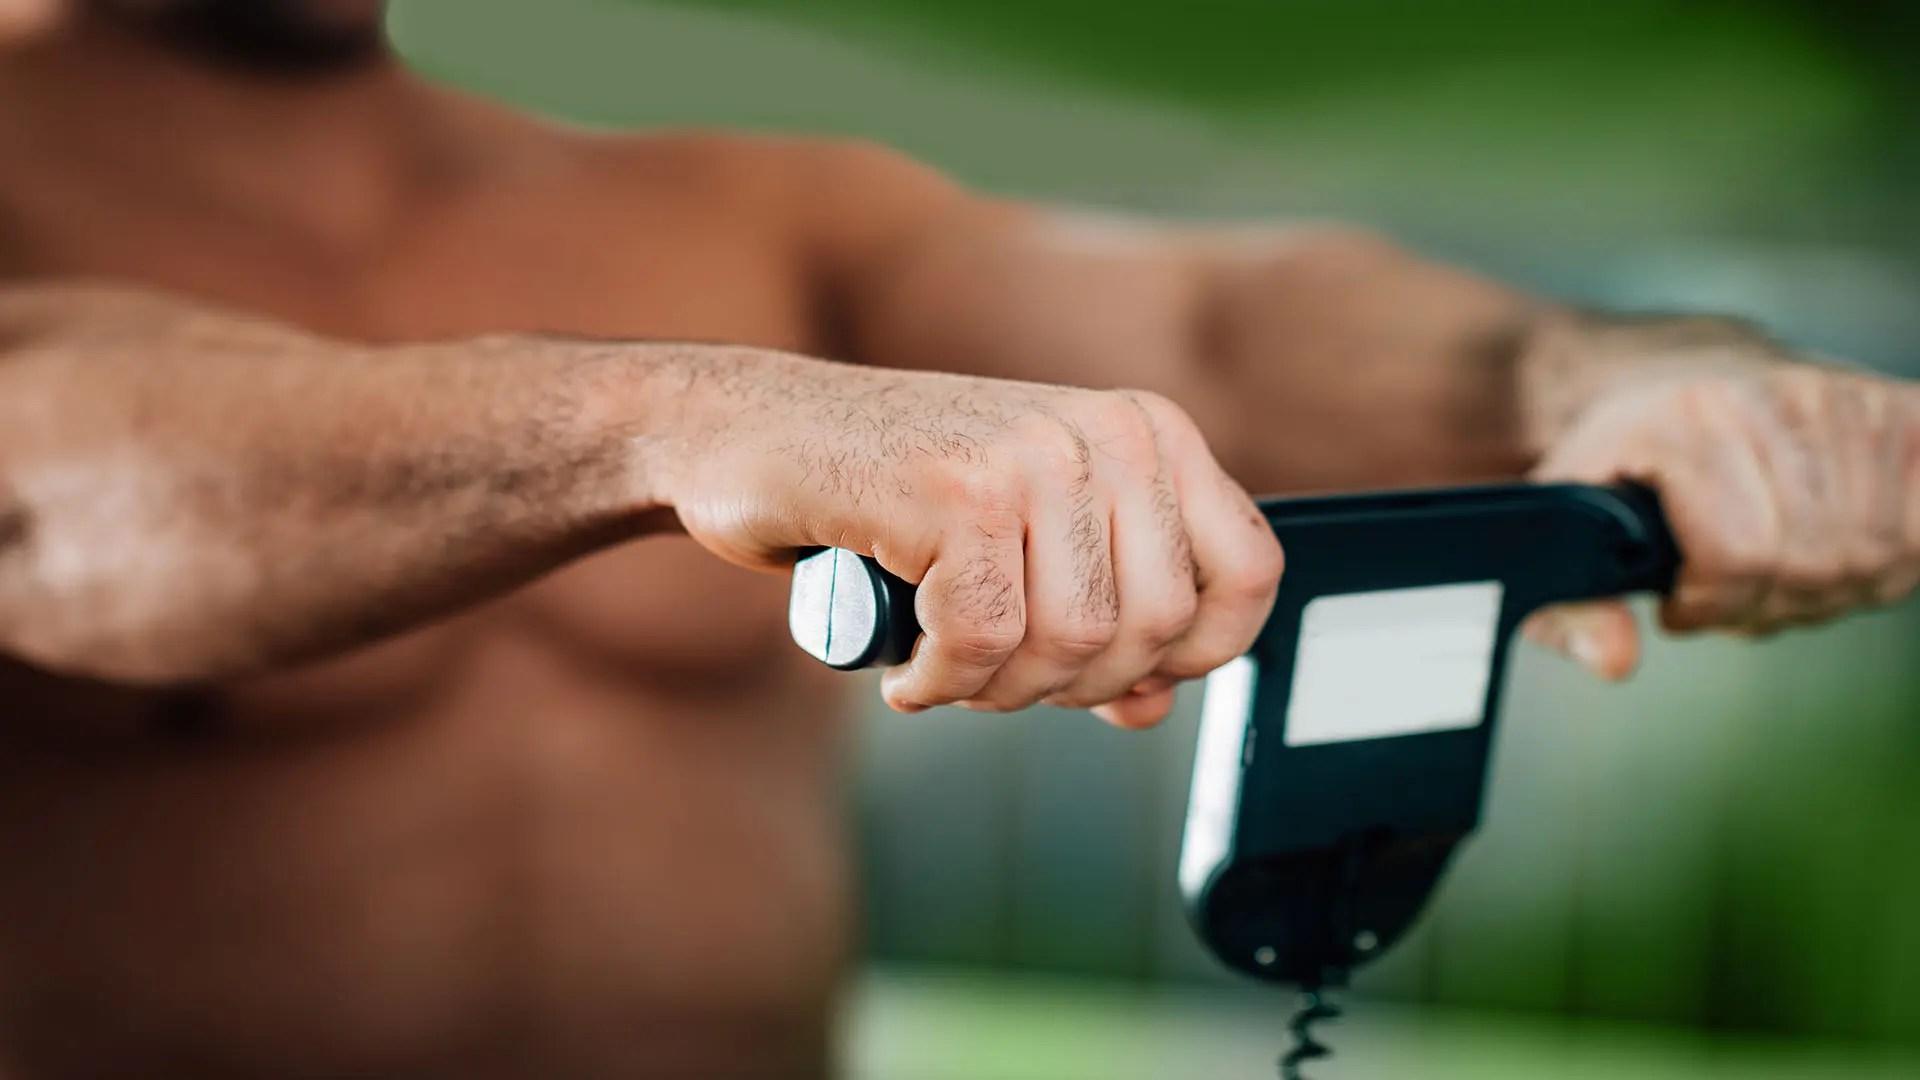 nyomon követheti a súlycsökkenést és a méréseket